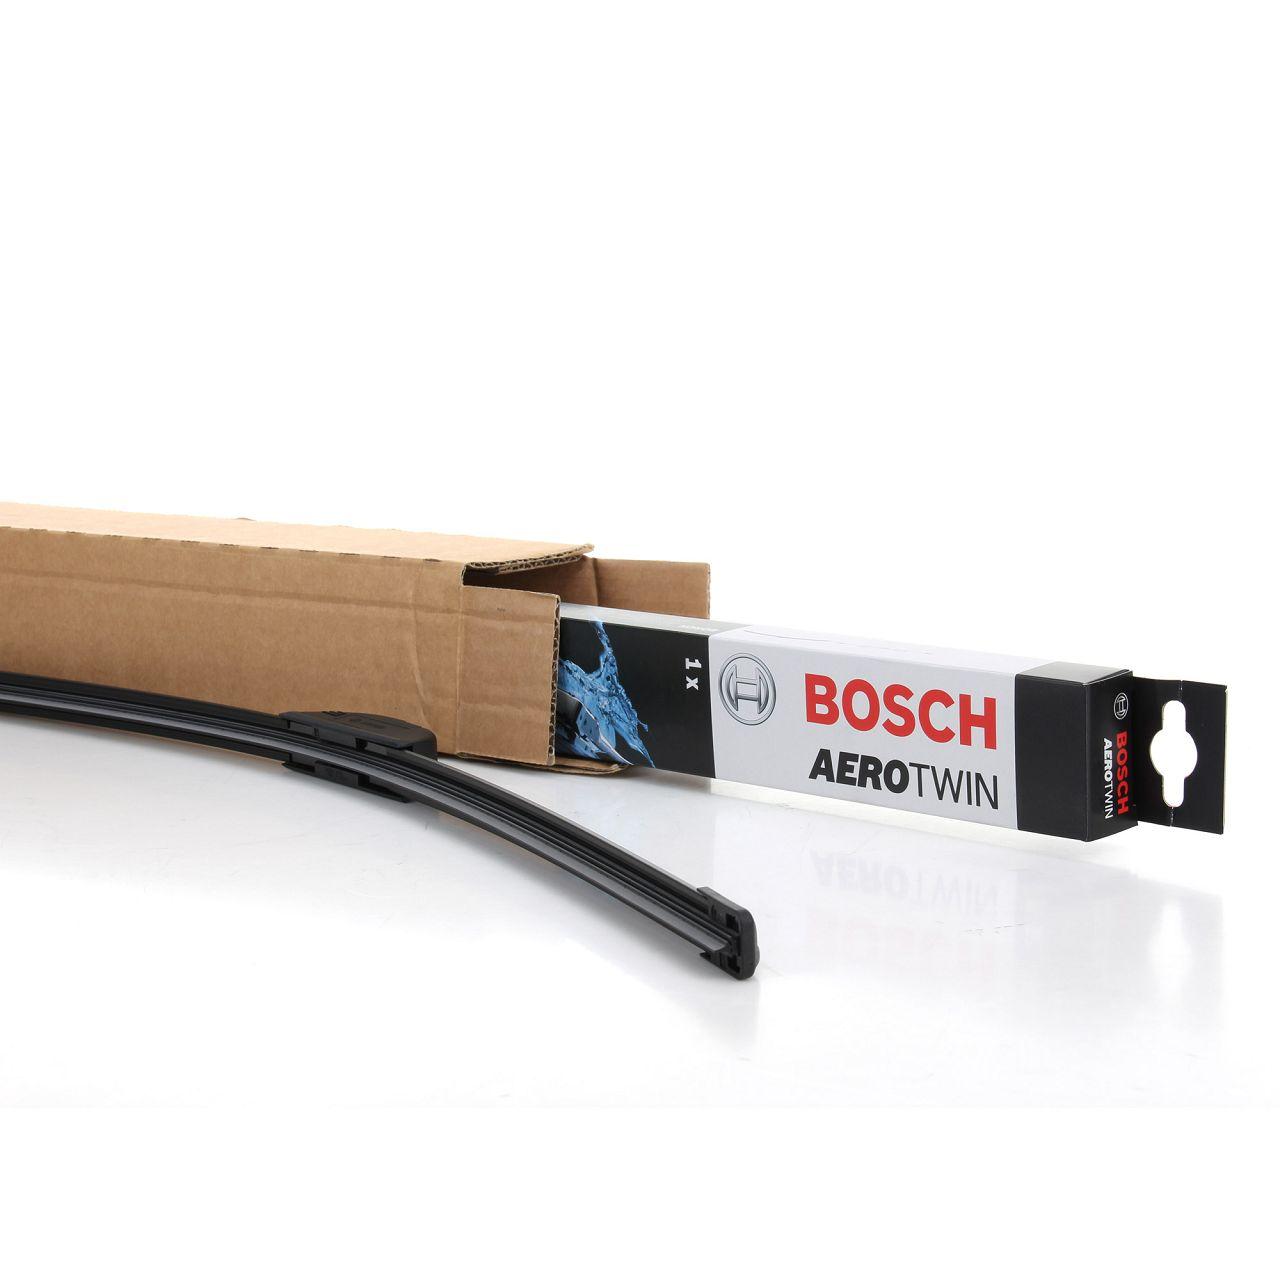 BOSCH Heckscheibenwischer Wischerblatt Wischer AEROTWIN A331H 330mm